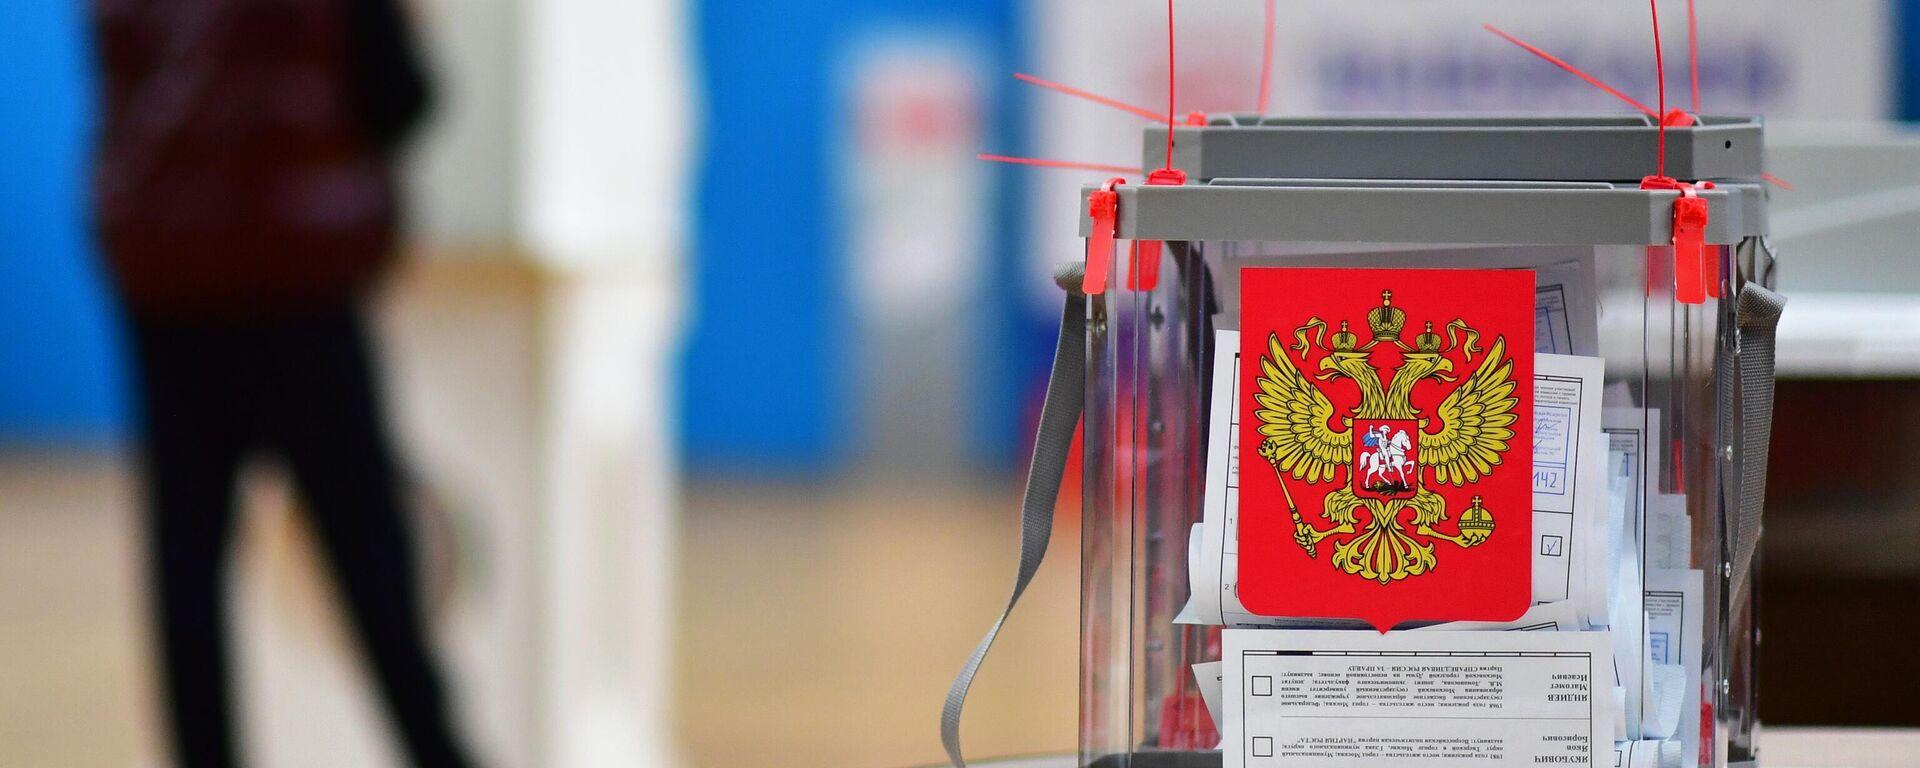 Единый день голосования в  России - Sputnik Узбекистан, 1920, 19.09.2021